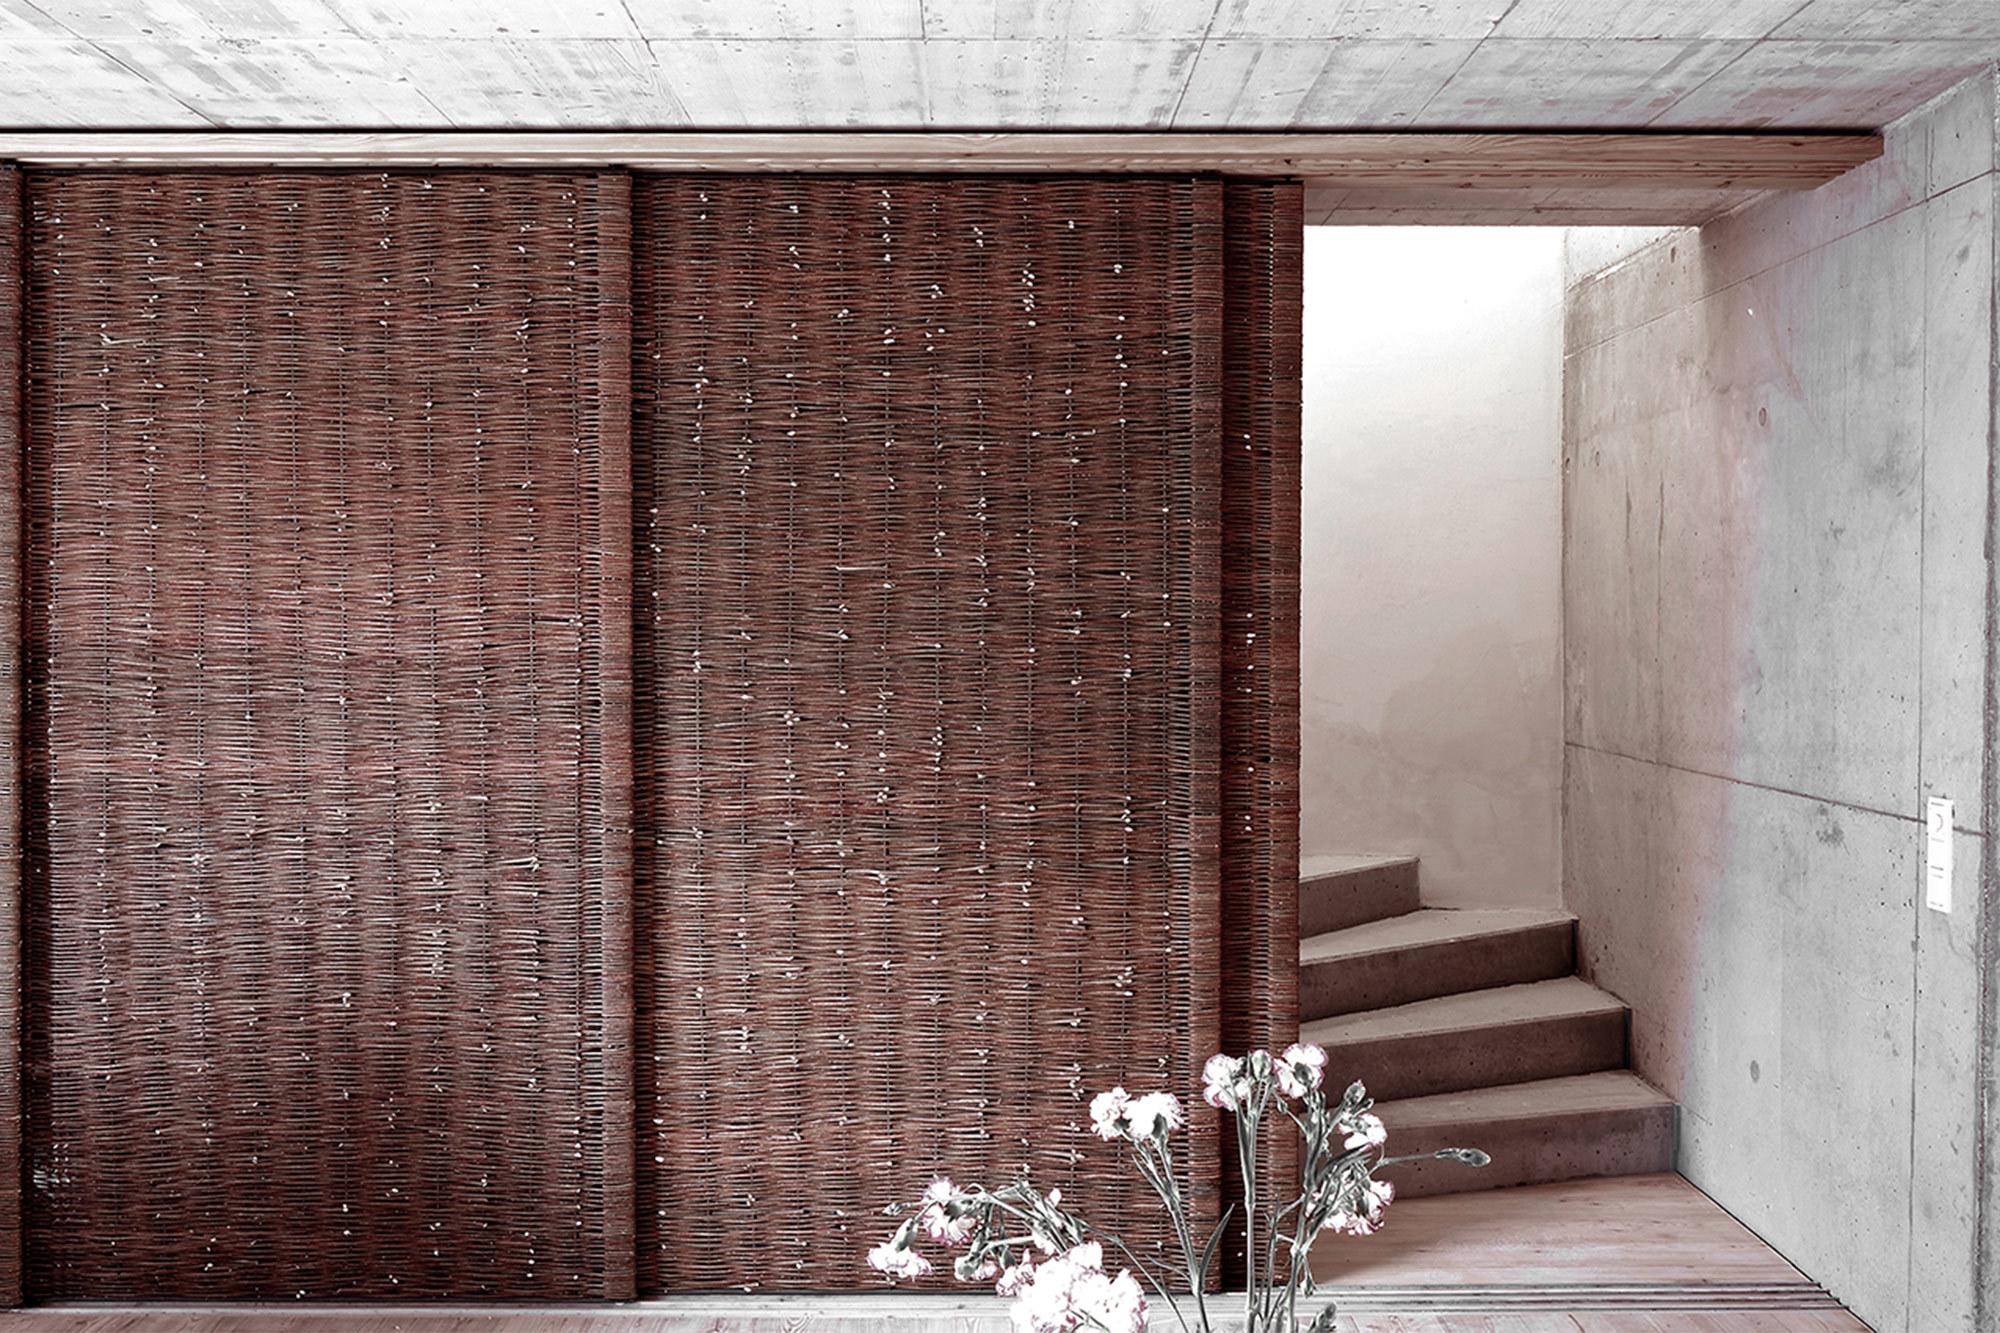 Zugang zum Treppenhaus, das in die oberen Stockwerke führt.